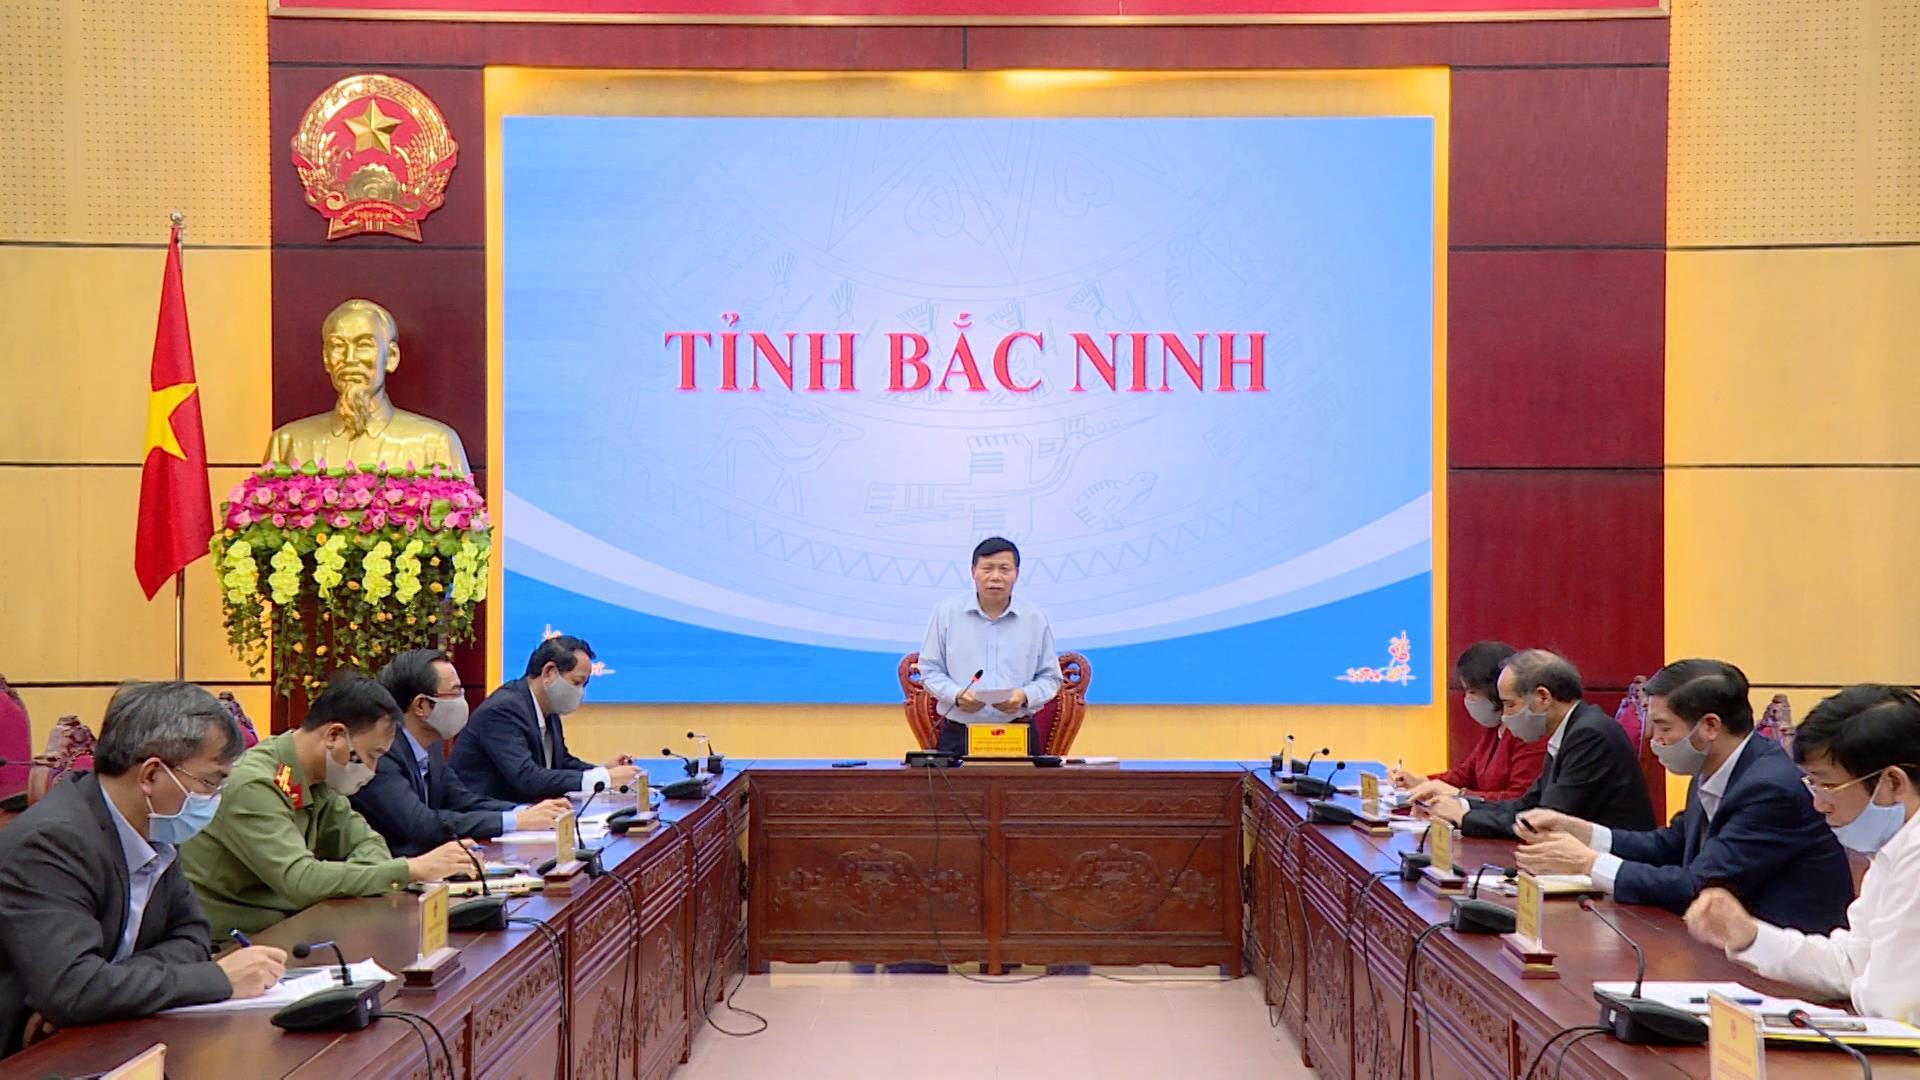 Công bố Quyết định bổ nhiệm Phó Giám đốc Đài PT&TH Bắc Ninh